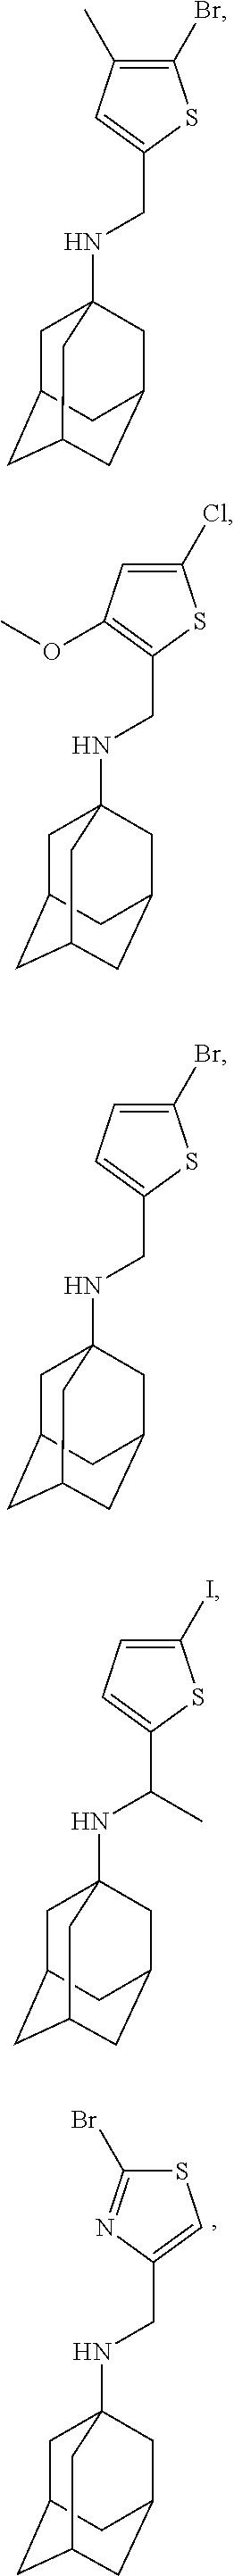 Figure US09884832-20180206-C00145